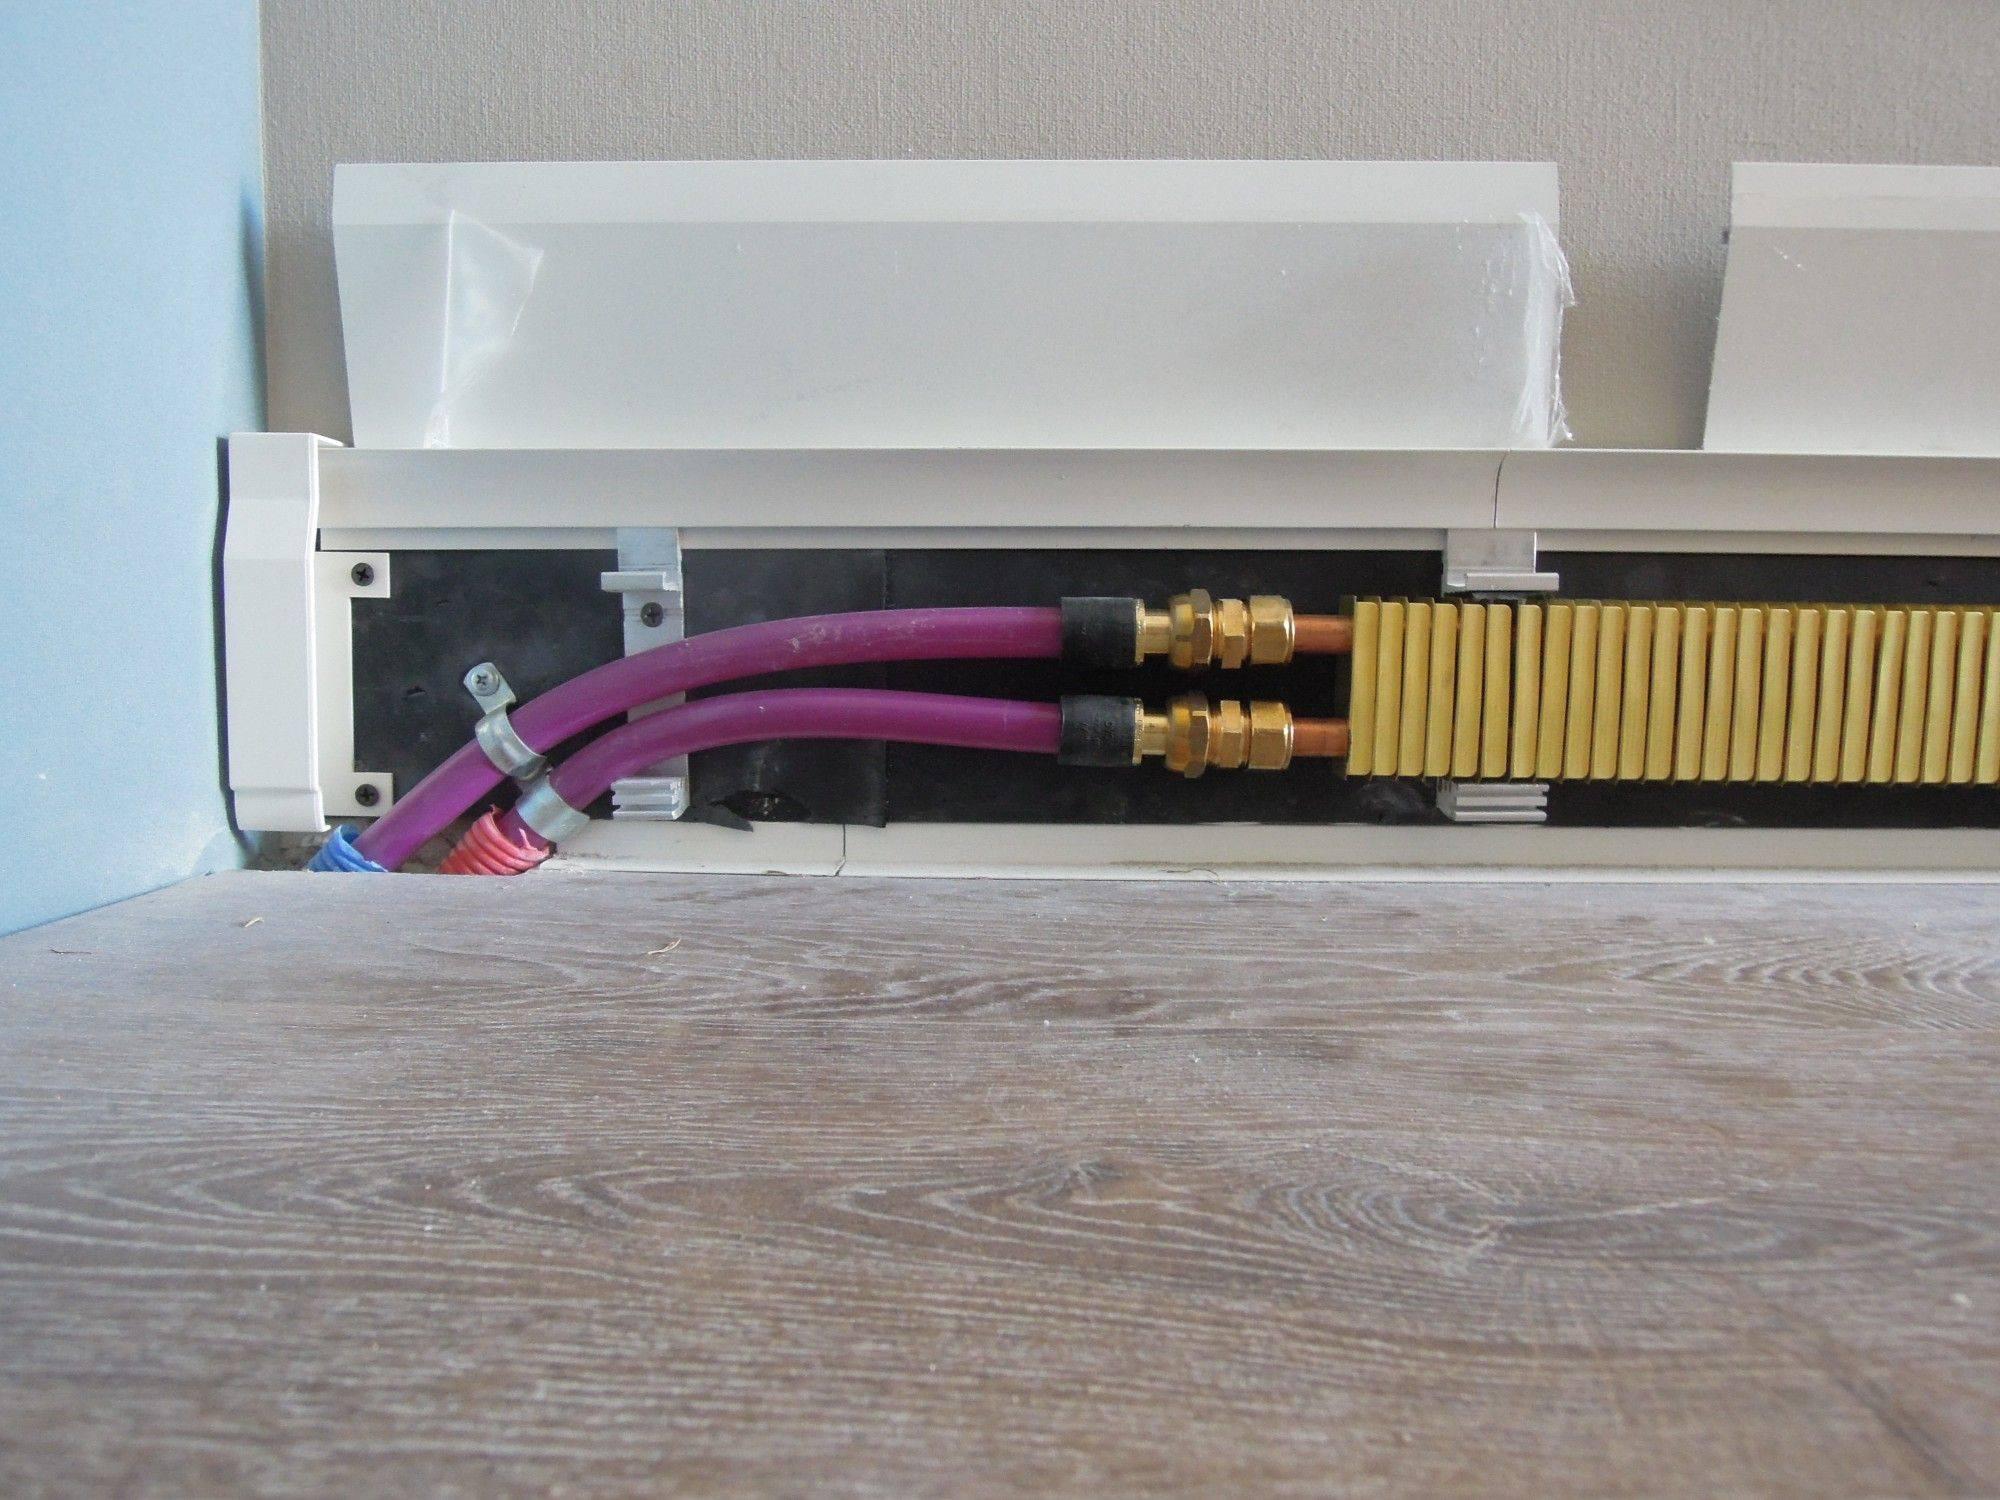 Теплый плинтус (53 фото): водяной и электрический радиатор, плинтусное отопление своими руками, отзывы